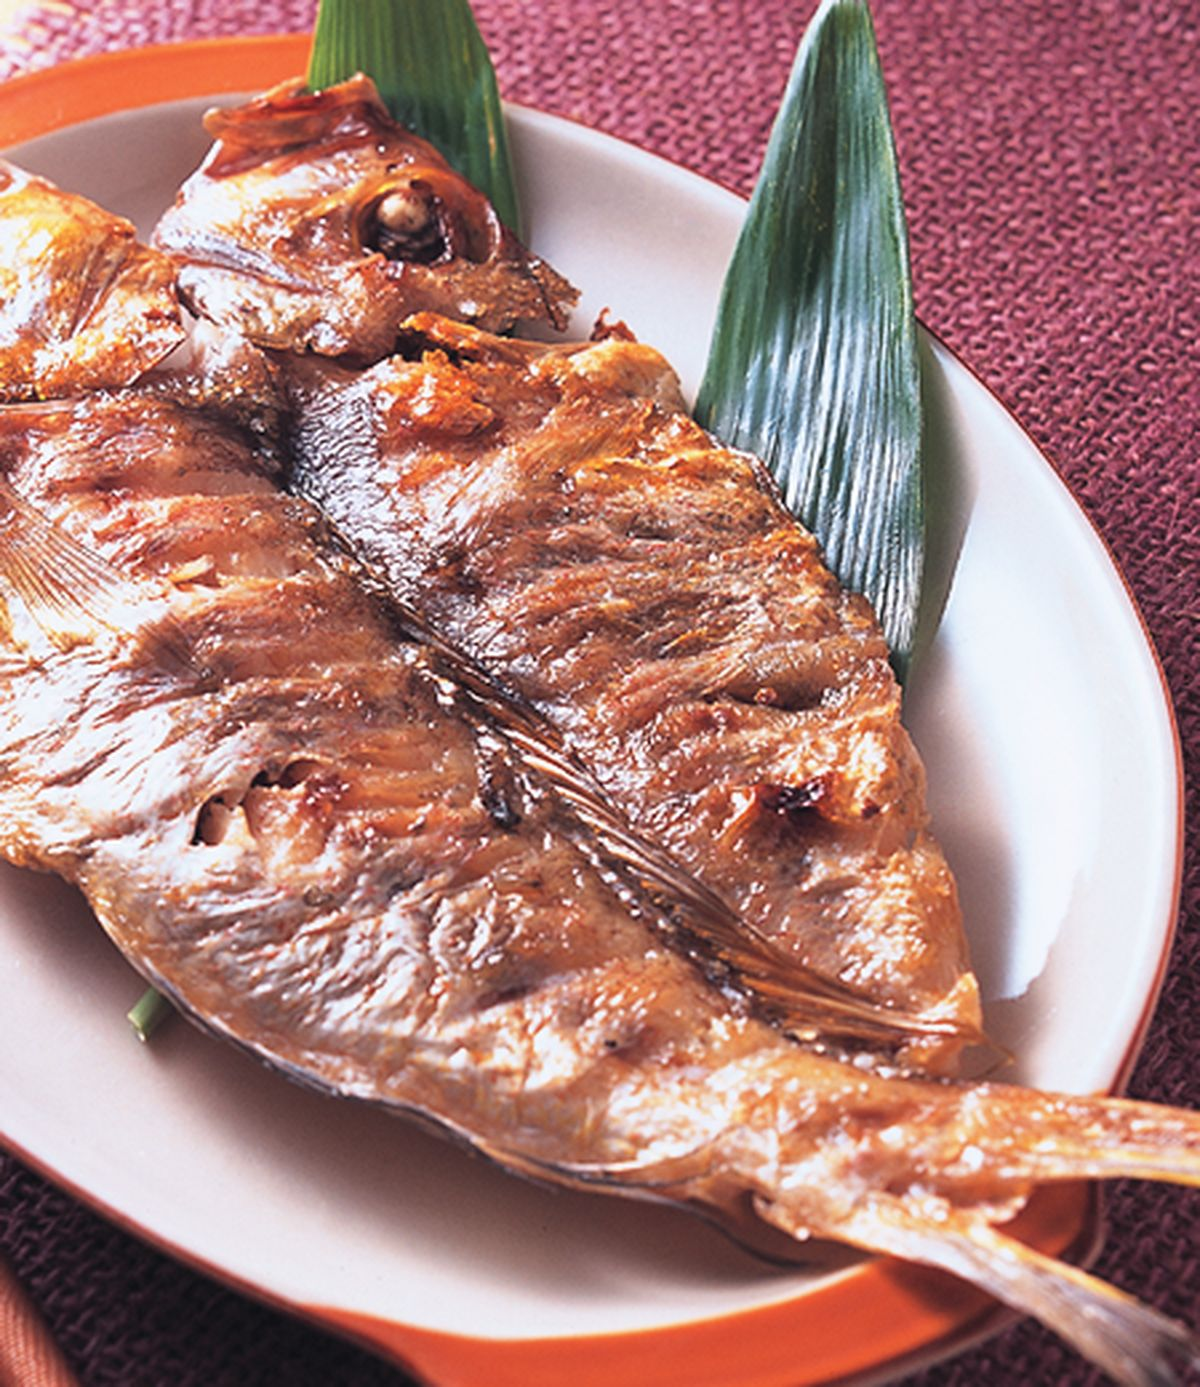 食譜:酒燒馬頭魚